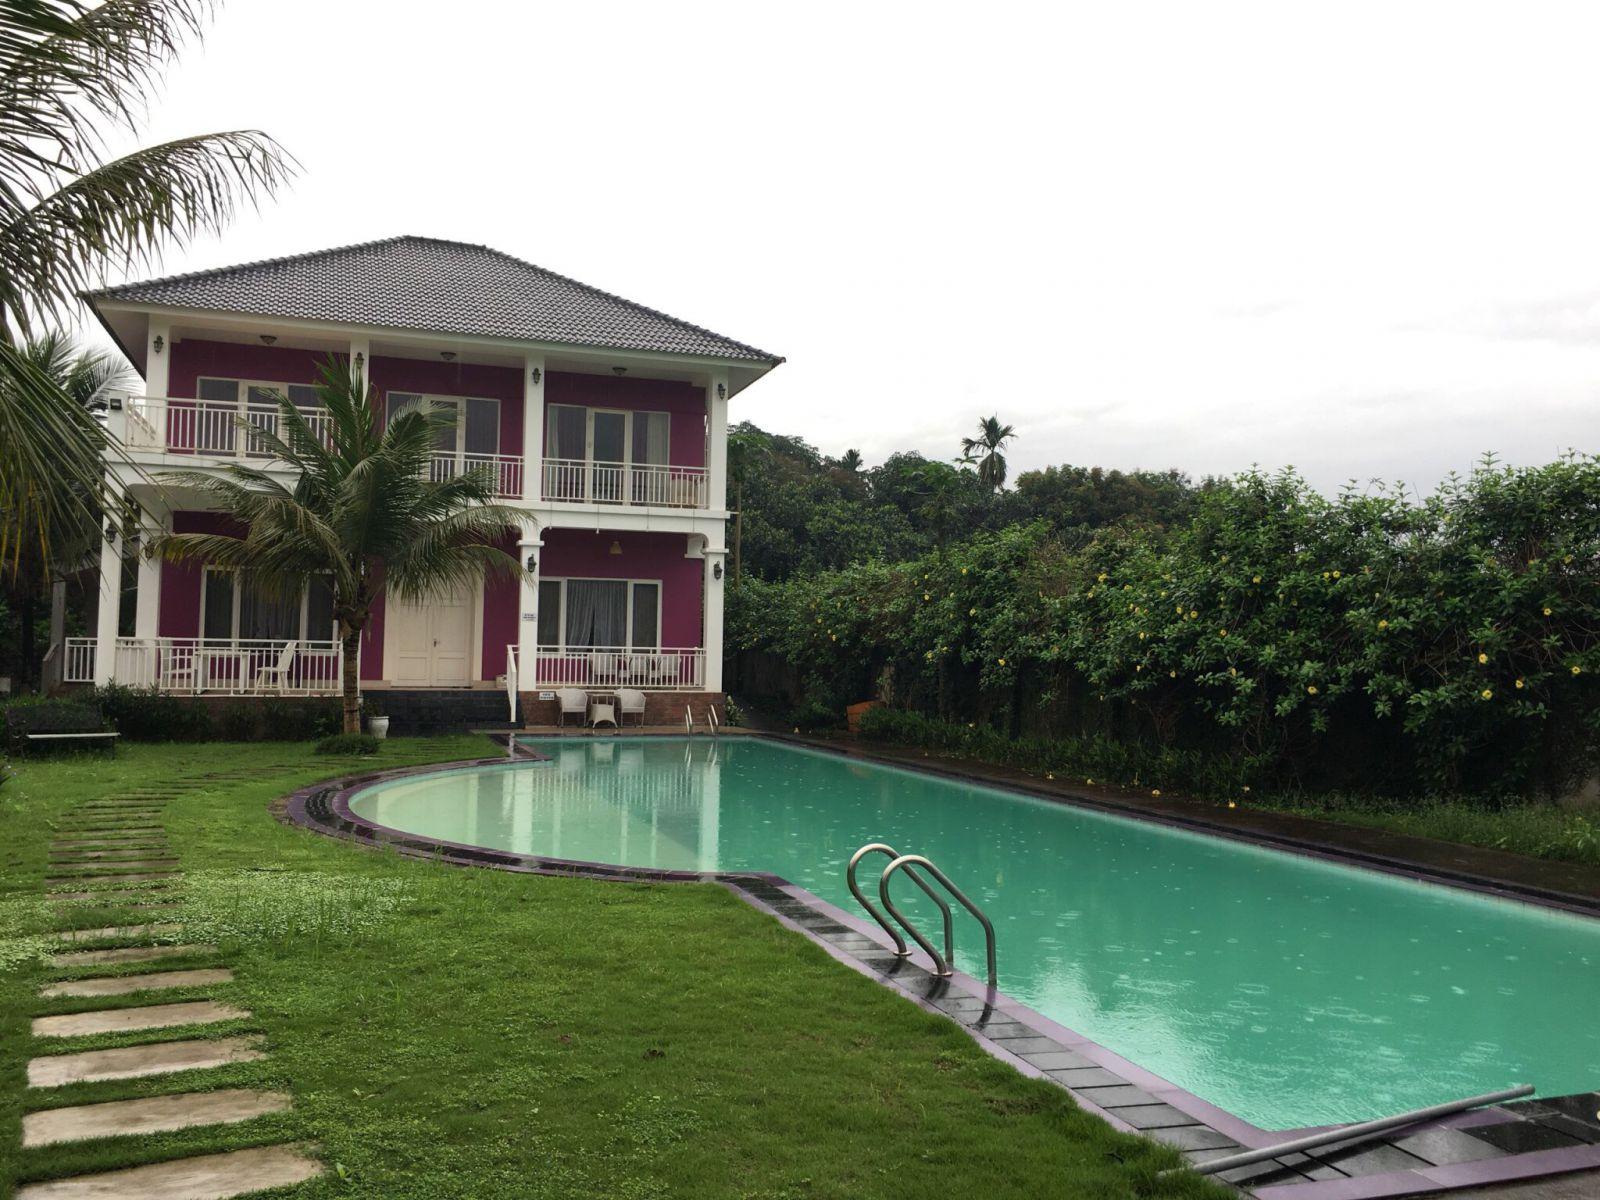 Khu biệt thự nhà vườn tại Lương Sơn, Hòa Bình đang được rao bán với giá 8,5 tỷ đồng.